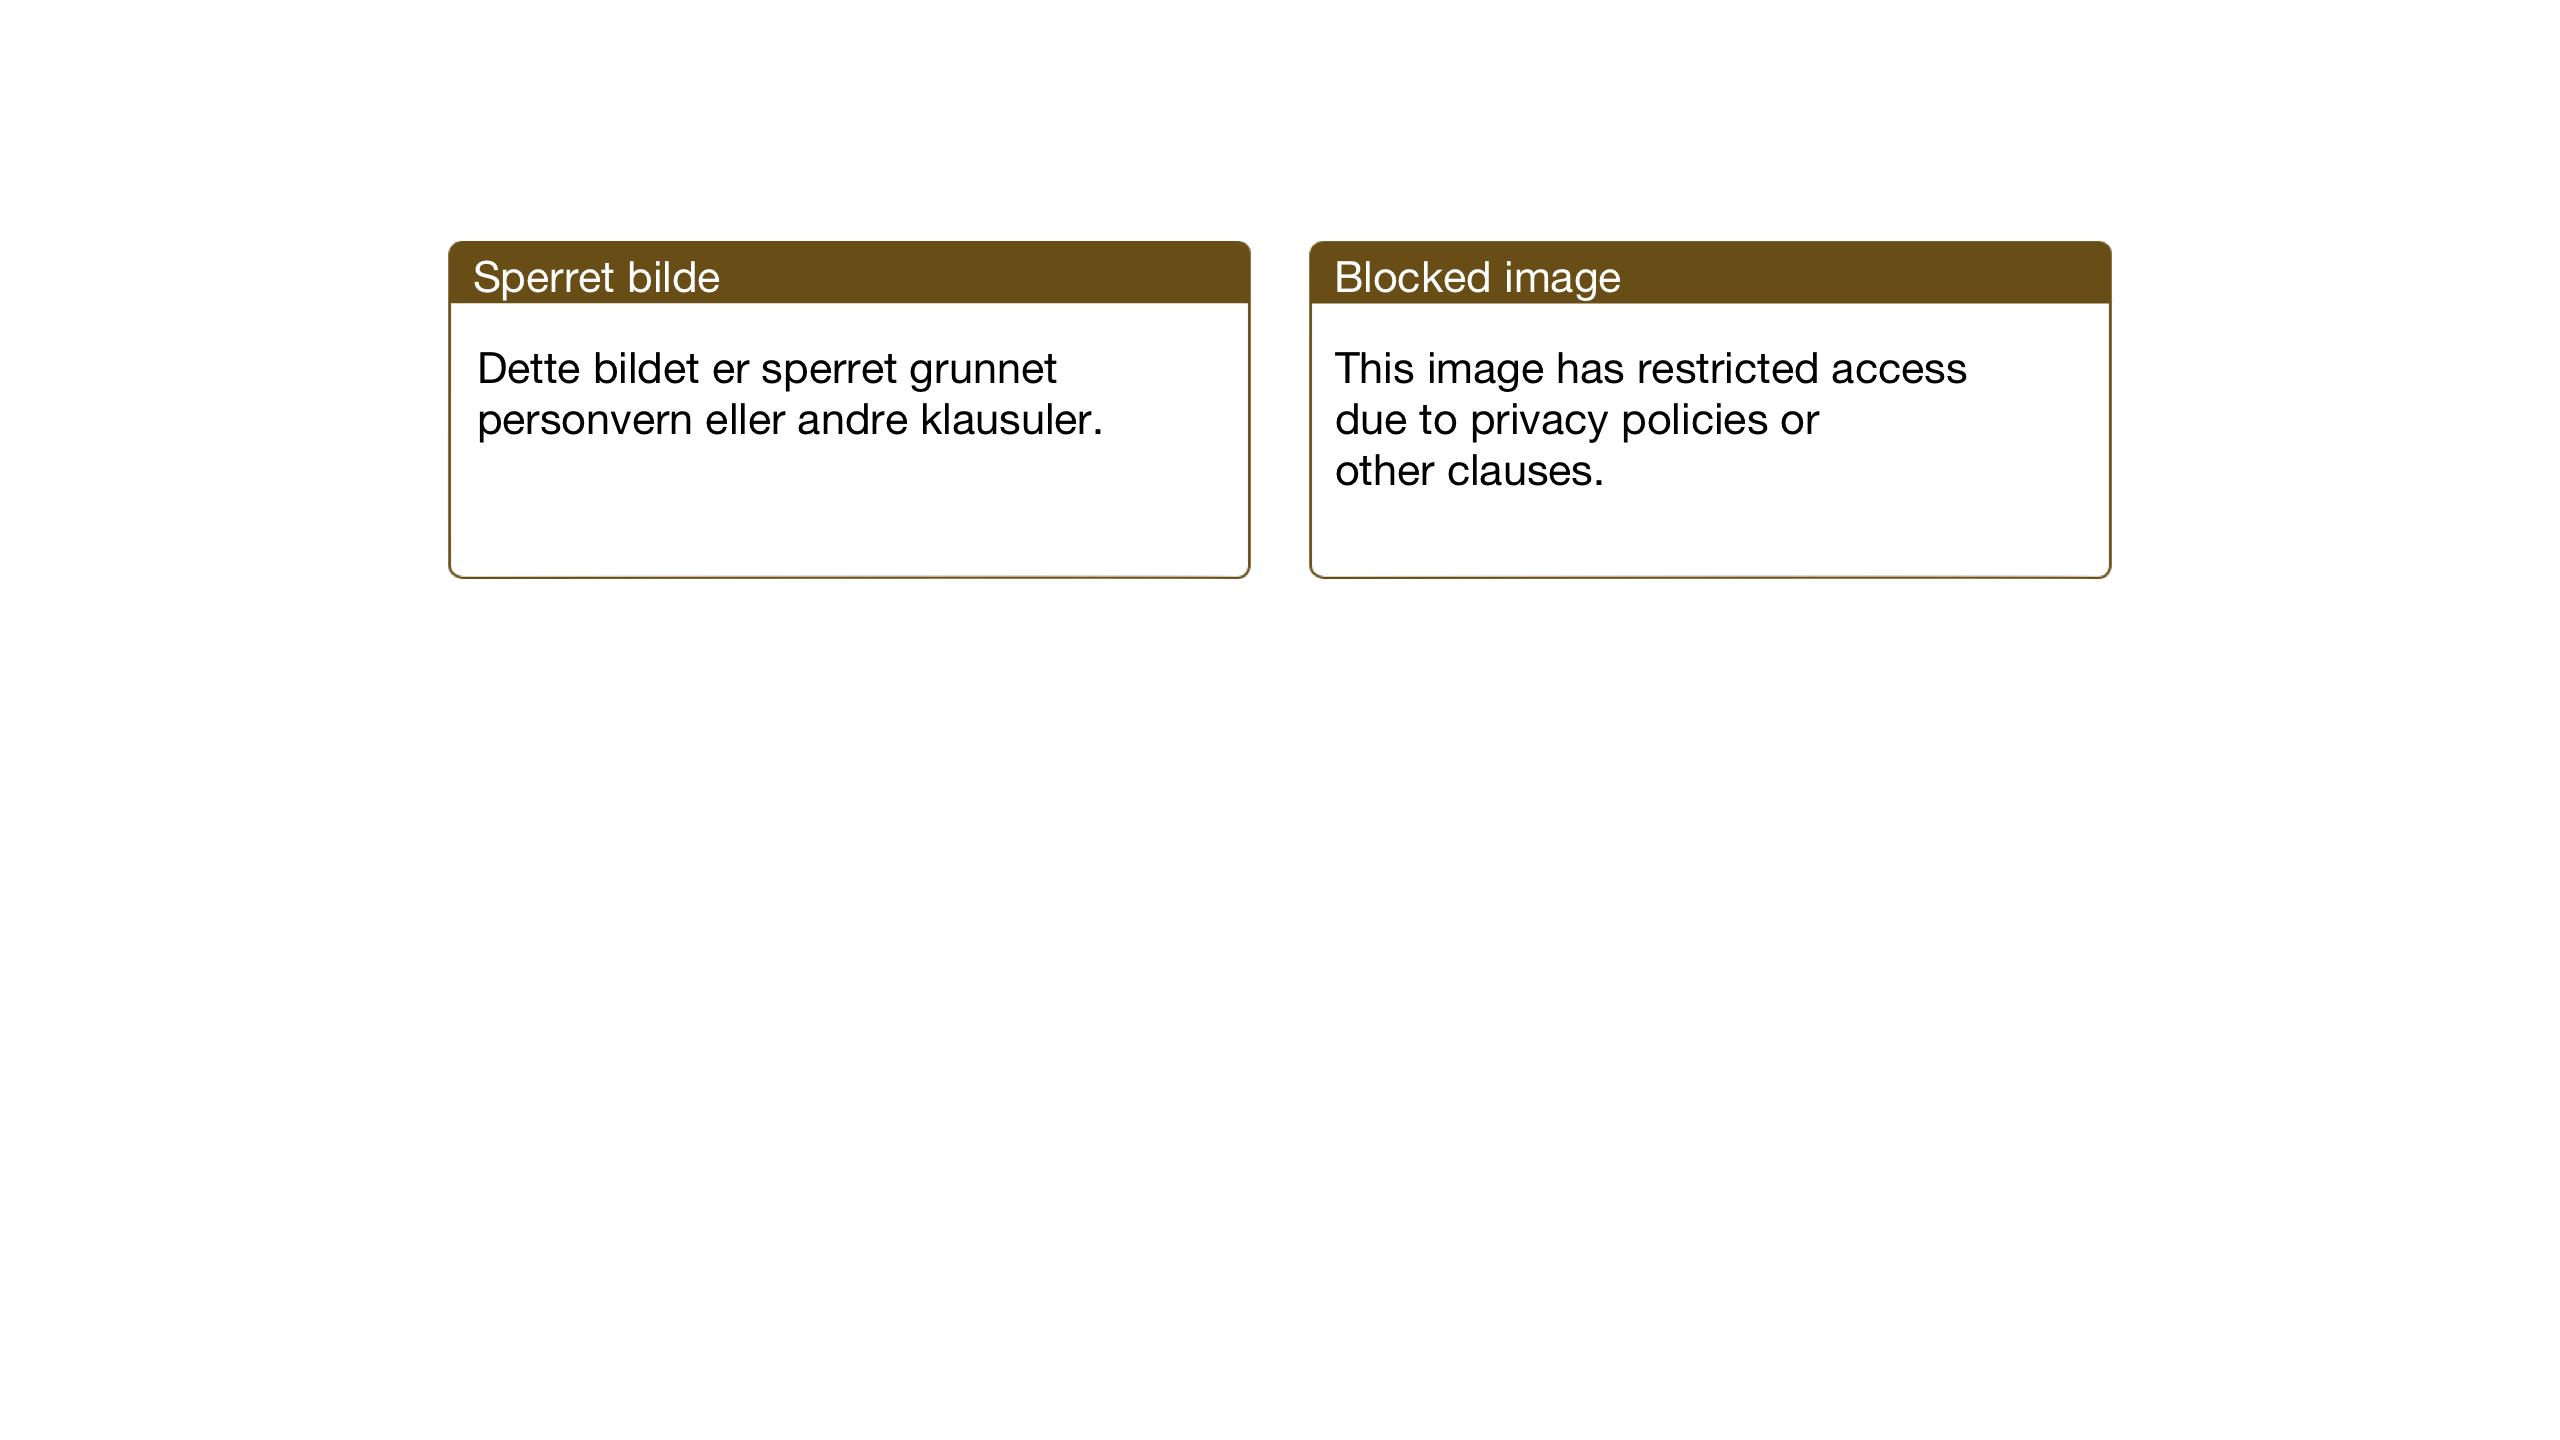 SAT, Ministerialprotokoller, klokkerbøker og fødselsregistre - Sør-Trøndelag, 602/L0153: Klokkerbok nr. 602C21, 1940-1949, s. 124